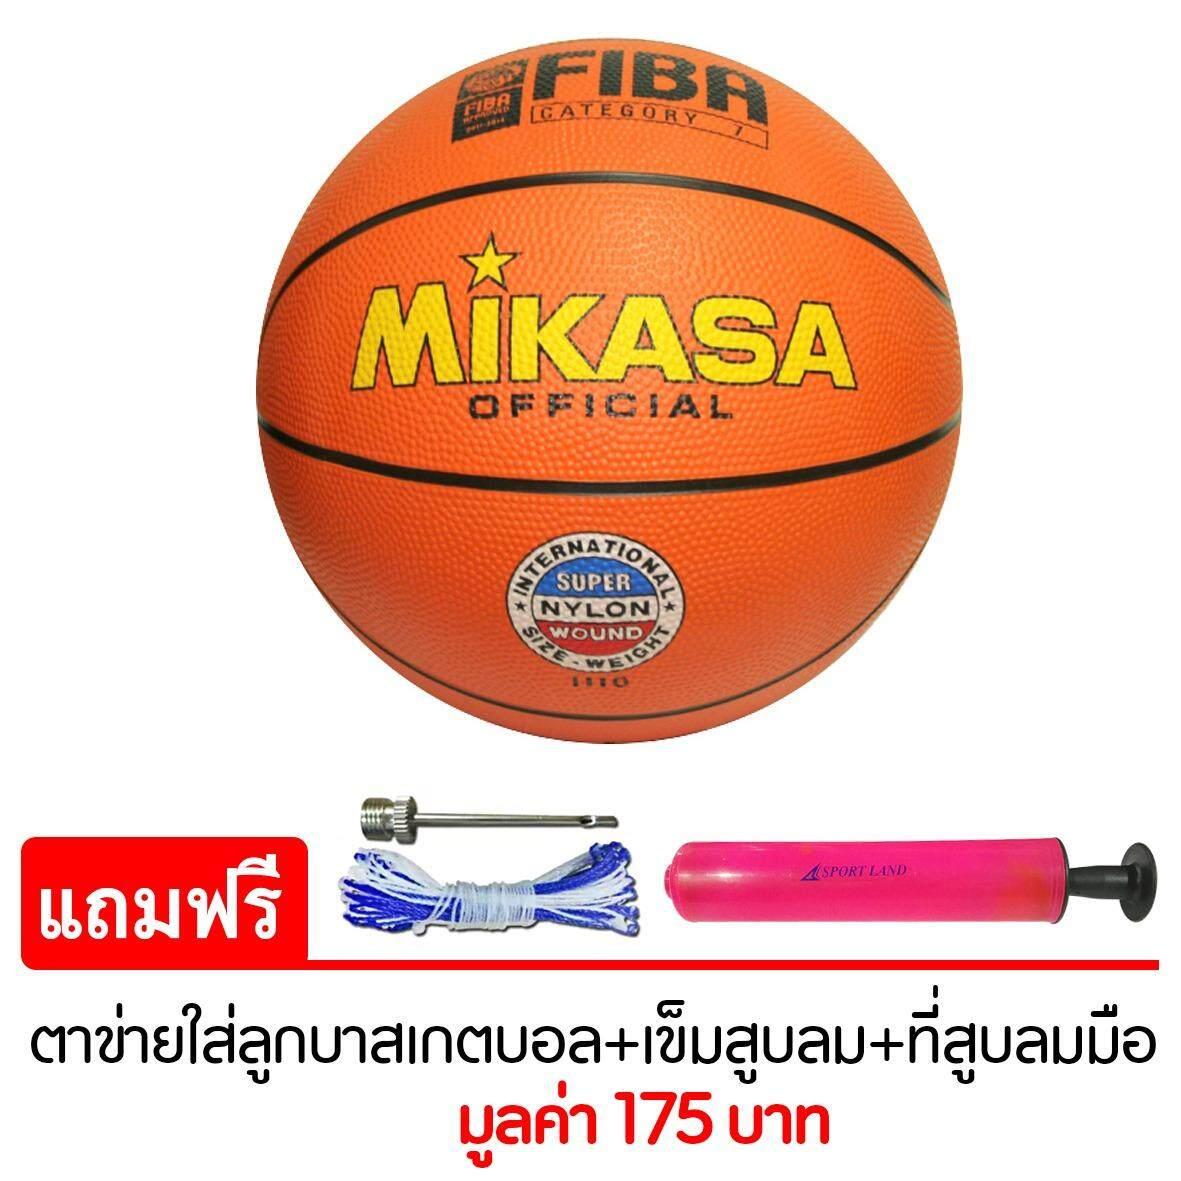 ราคา ราคาถูกที่สุด Mikasa Basketball Mks Rb 1110Fiba Orange แถมฟรี ตาข่ายใส่ลูกบาสเกตบอล เข็มสูบสูบลม สูบมือ Spl รุ่น Sl6 สีชมพู